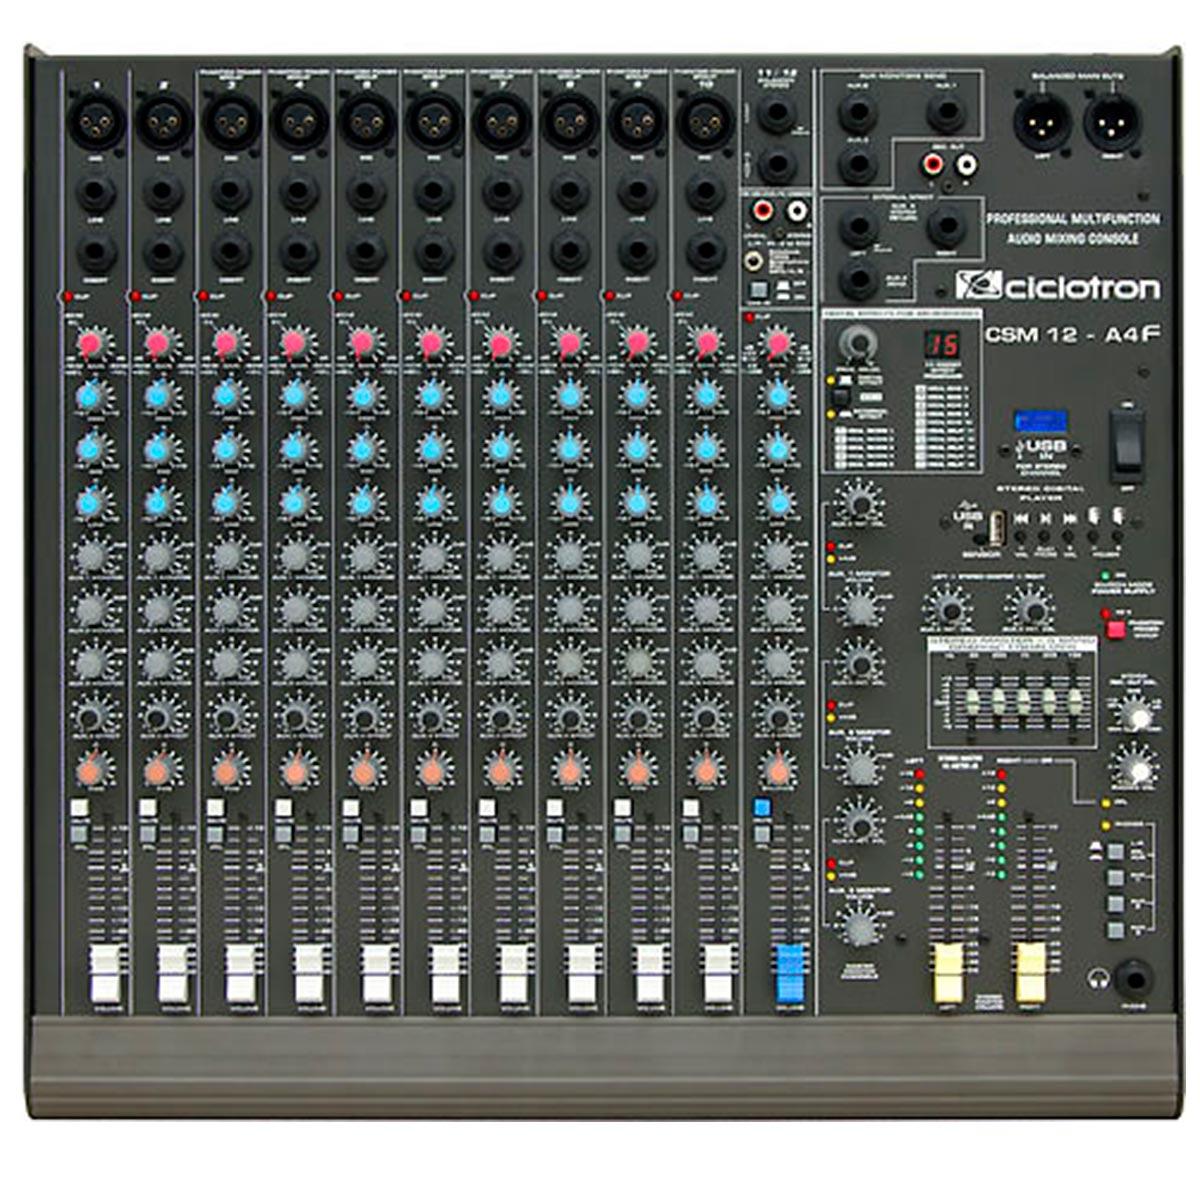 Mesa de Som 12 Canais Balanceados (10 XLR + 2 P10) c/ USB Play / Efeito / Phantom / 4 Auxiliares - CSM 12 A 4 F Ciclotron